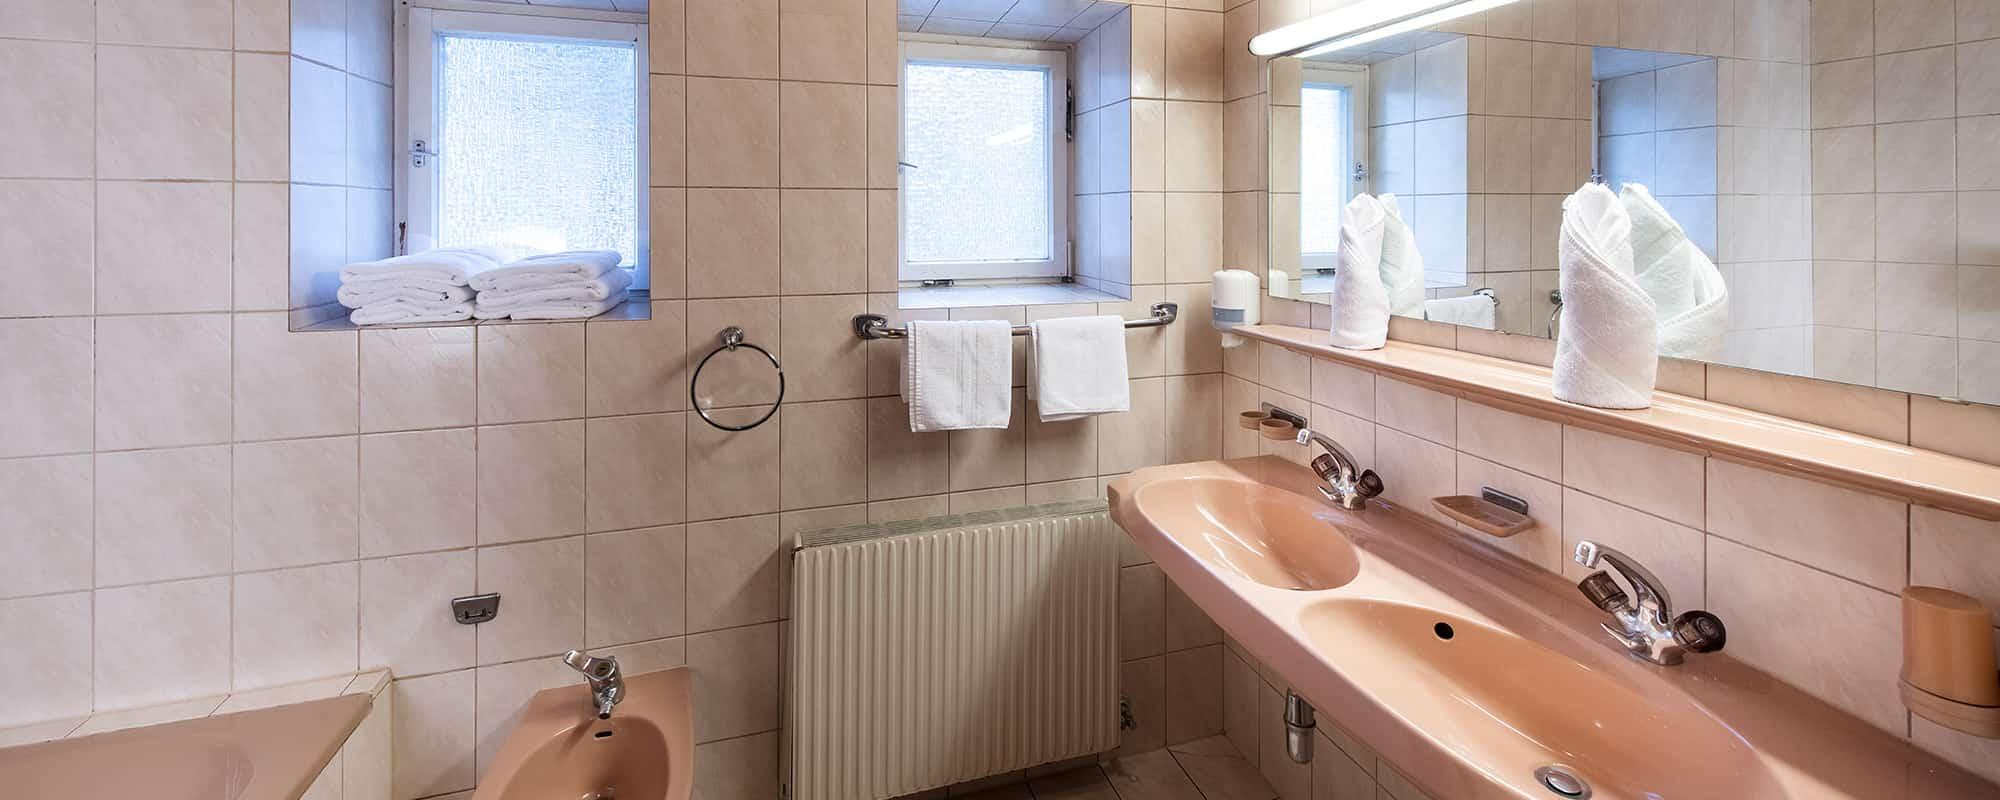 MANNI low budget Badezimmer mit Ausblick